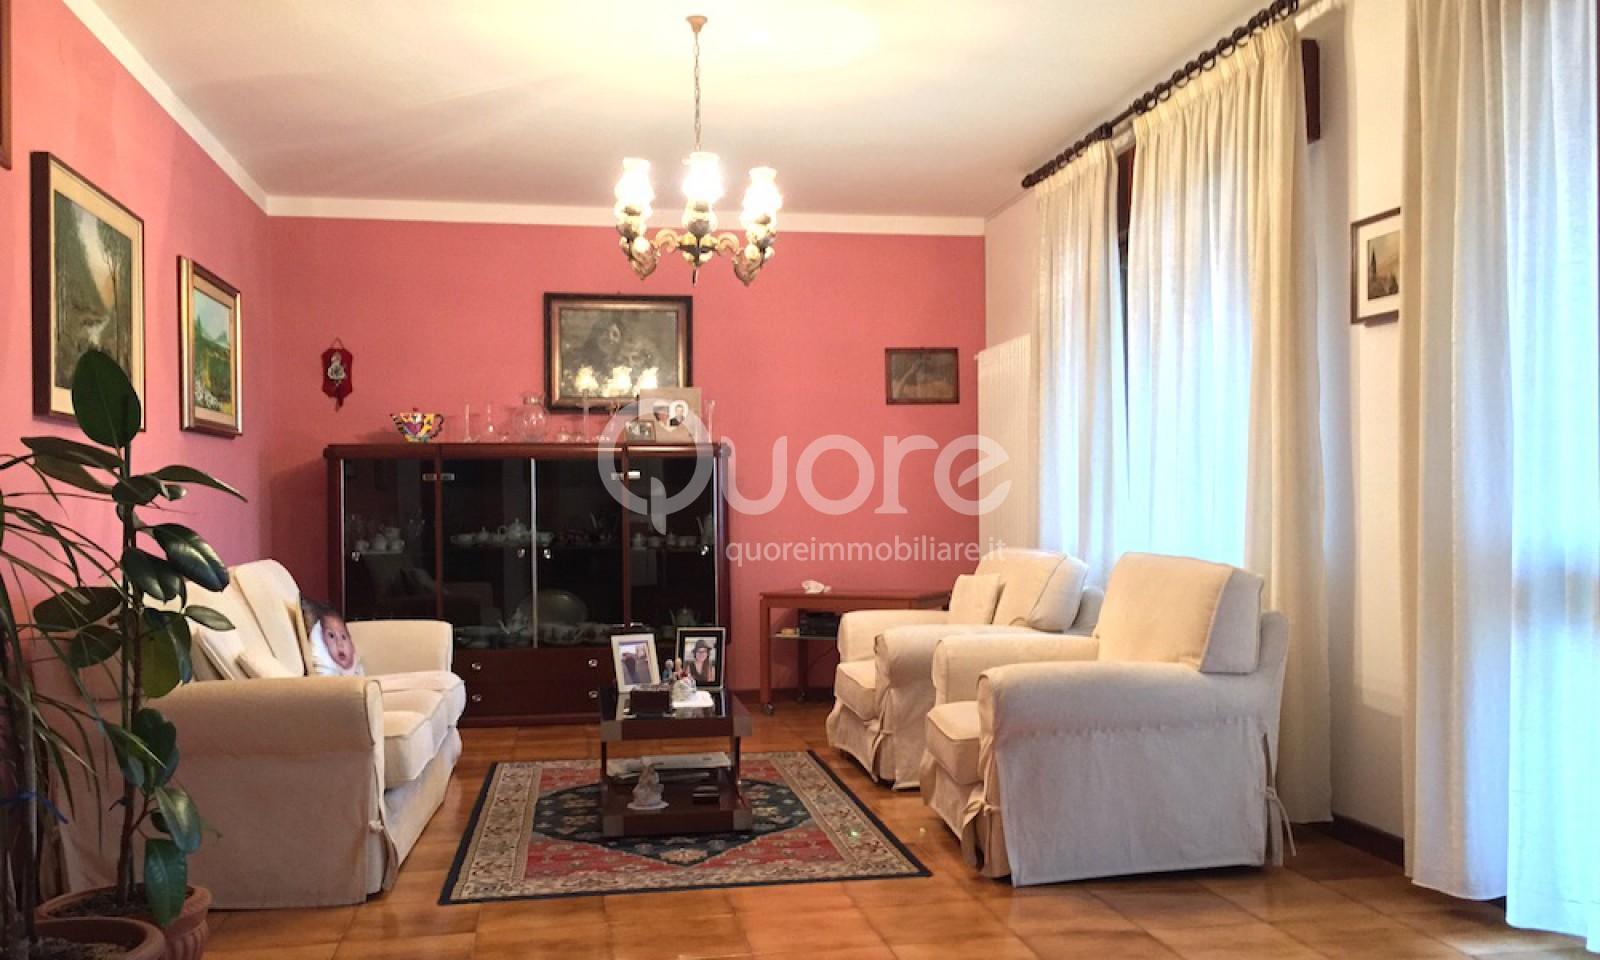 Appartamento in vendita a Muzzana del Turgnano, 6 locali, prezzo € 103.000 | CambioCasa.it